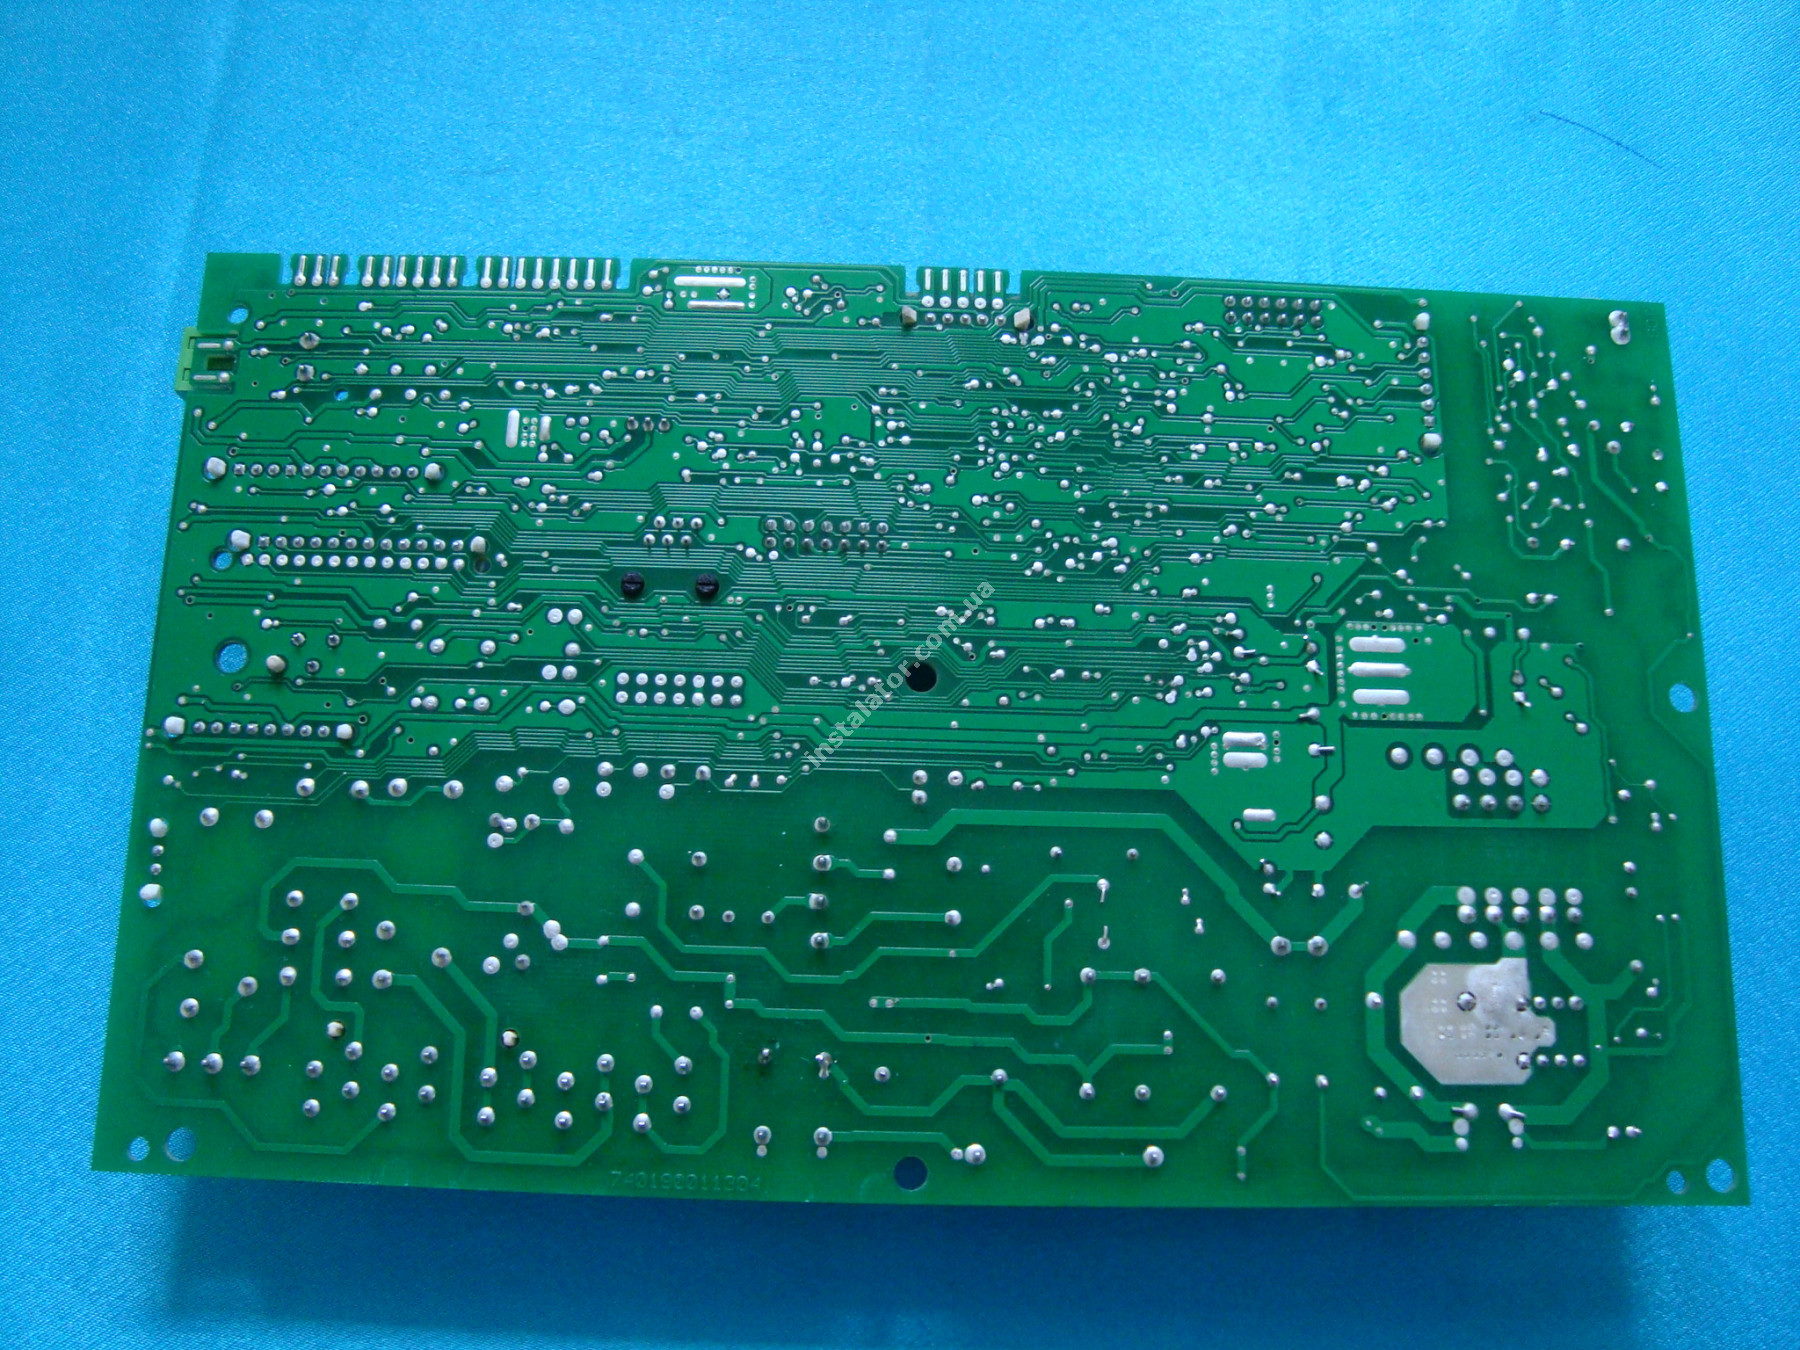 65109313-04 Плата керування універсальна ARISTON/CHAFFOTEAUX full-image-1